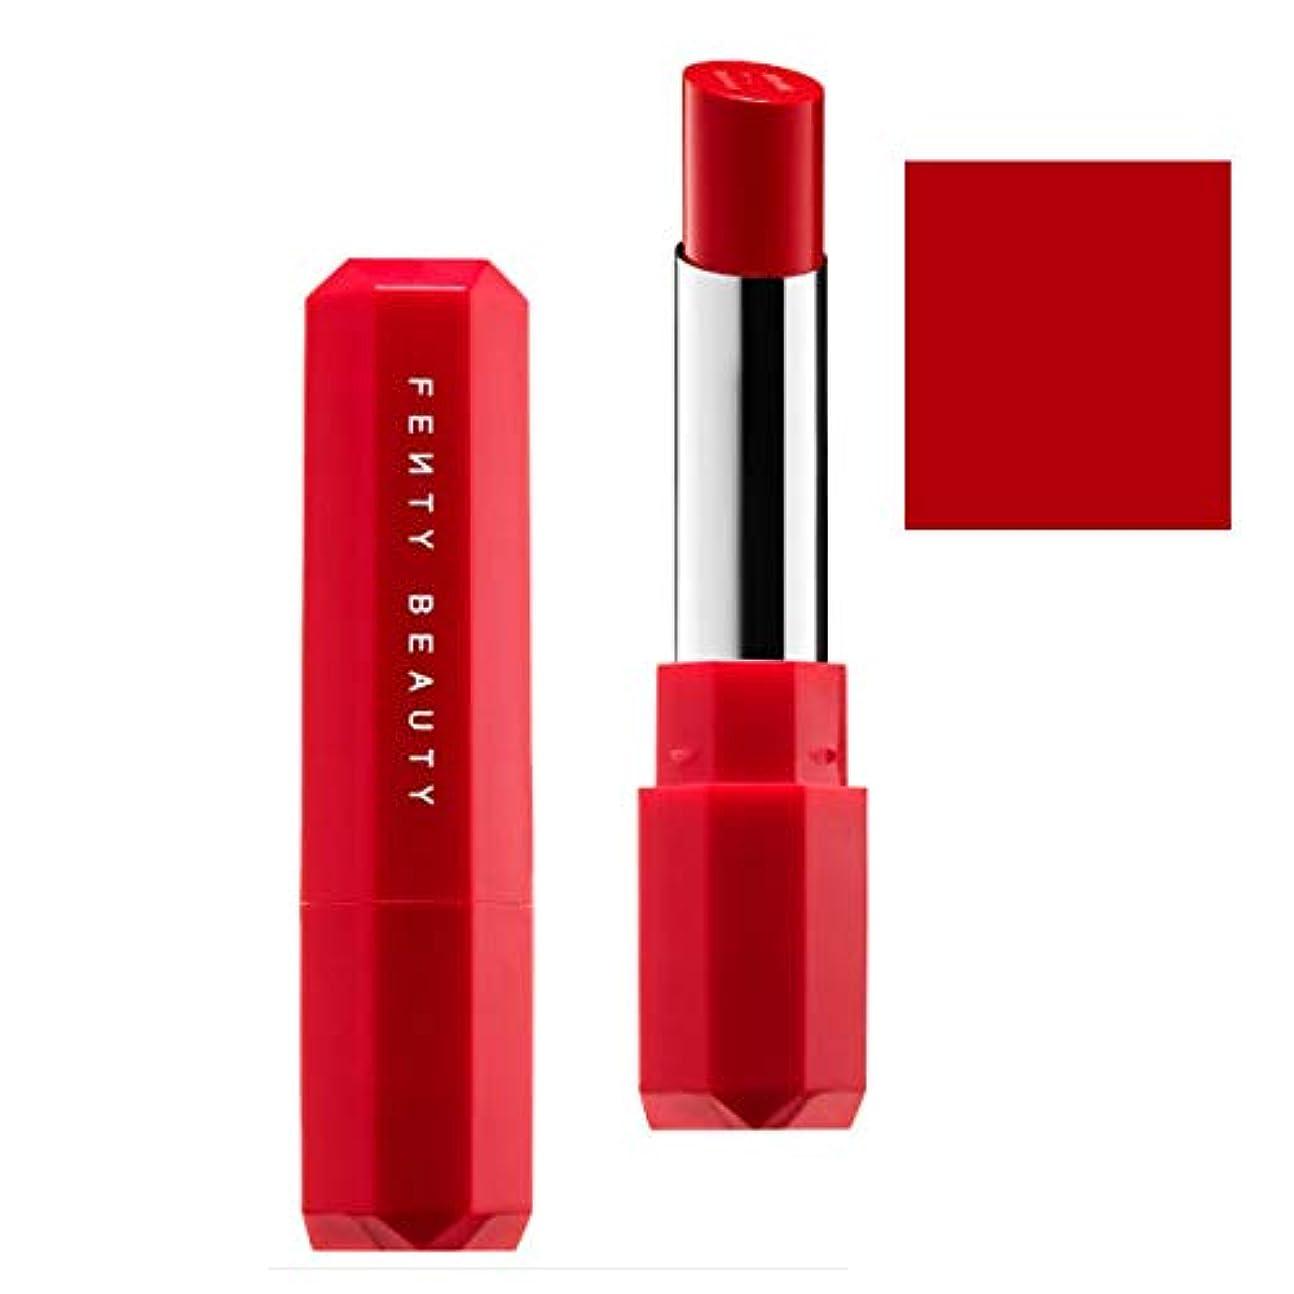 承知しました野な勇敢なFENTY BEAUTY BY RIHANNA,New!!, 限定版 limited-edition, Poutsicle Juicy Satin Lipstick - Hot Blooded [海外直送品] [並行輸入品]